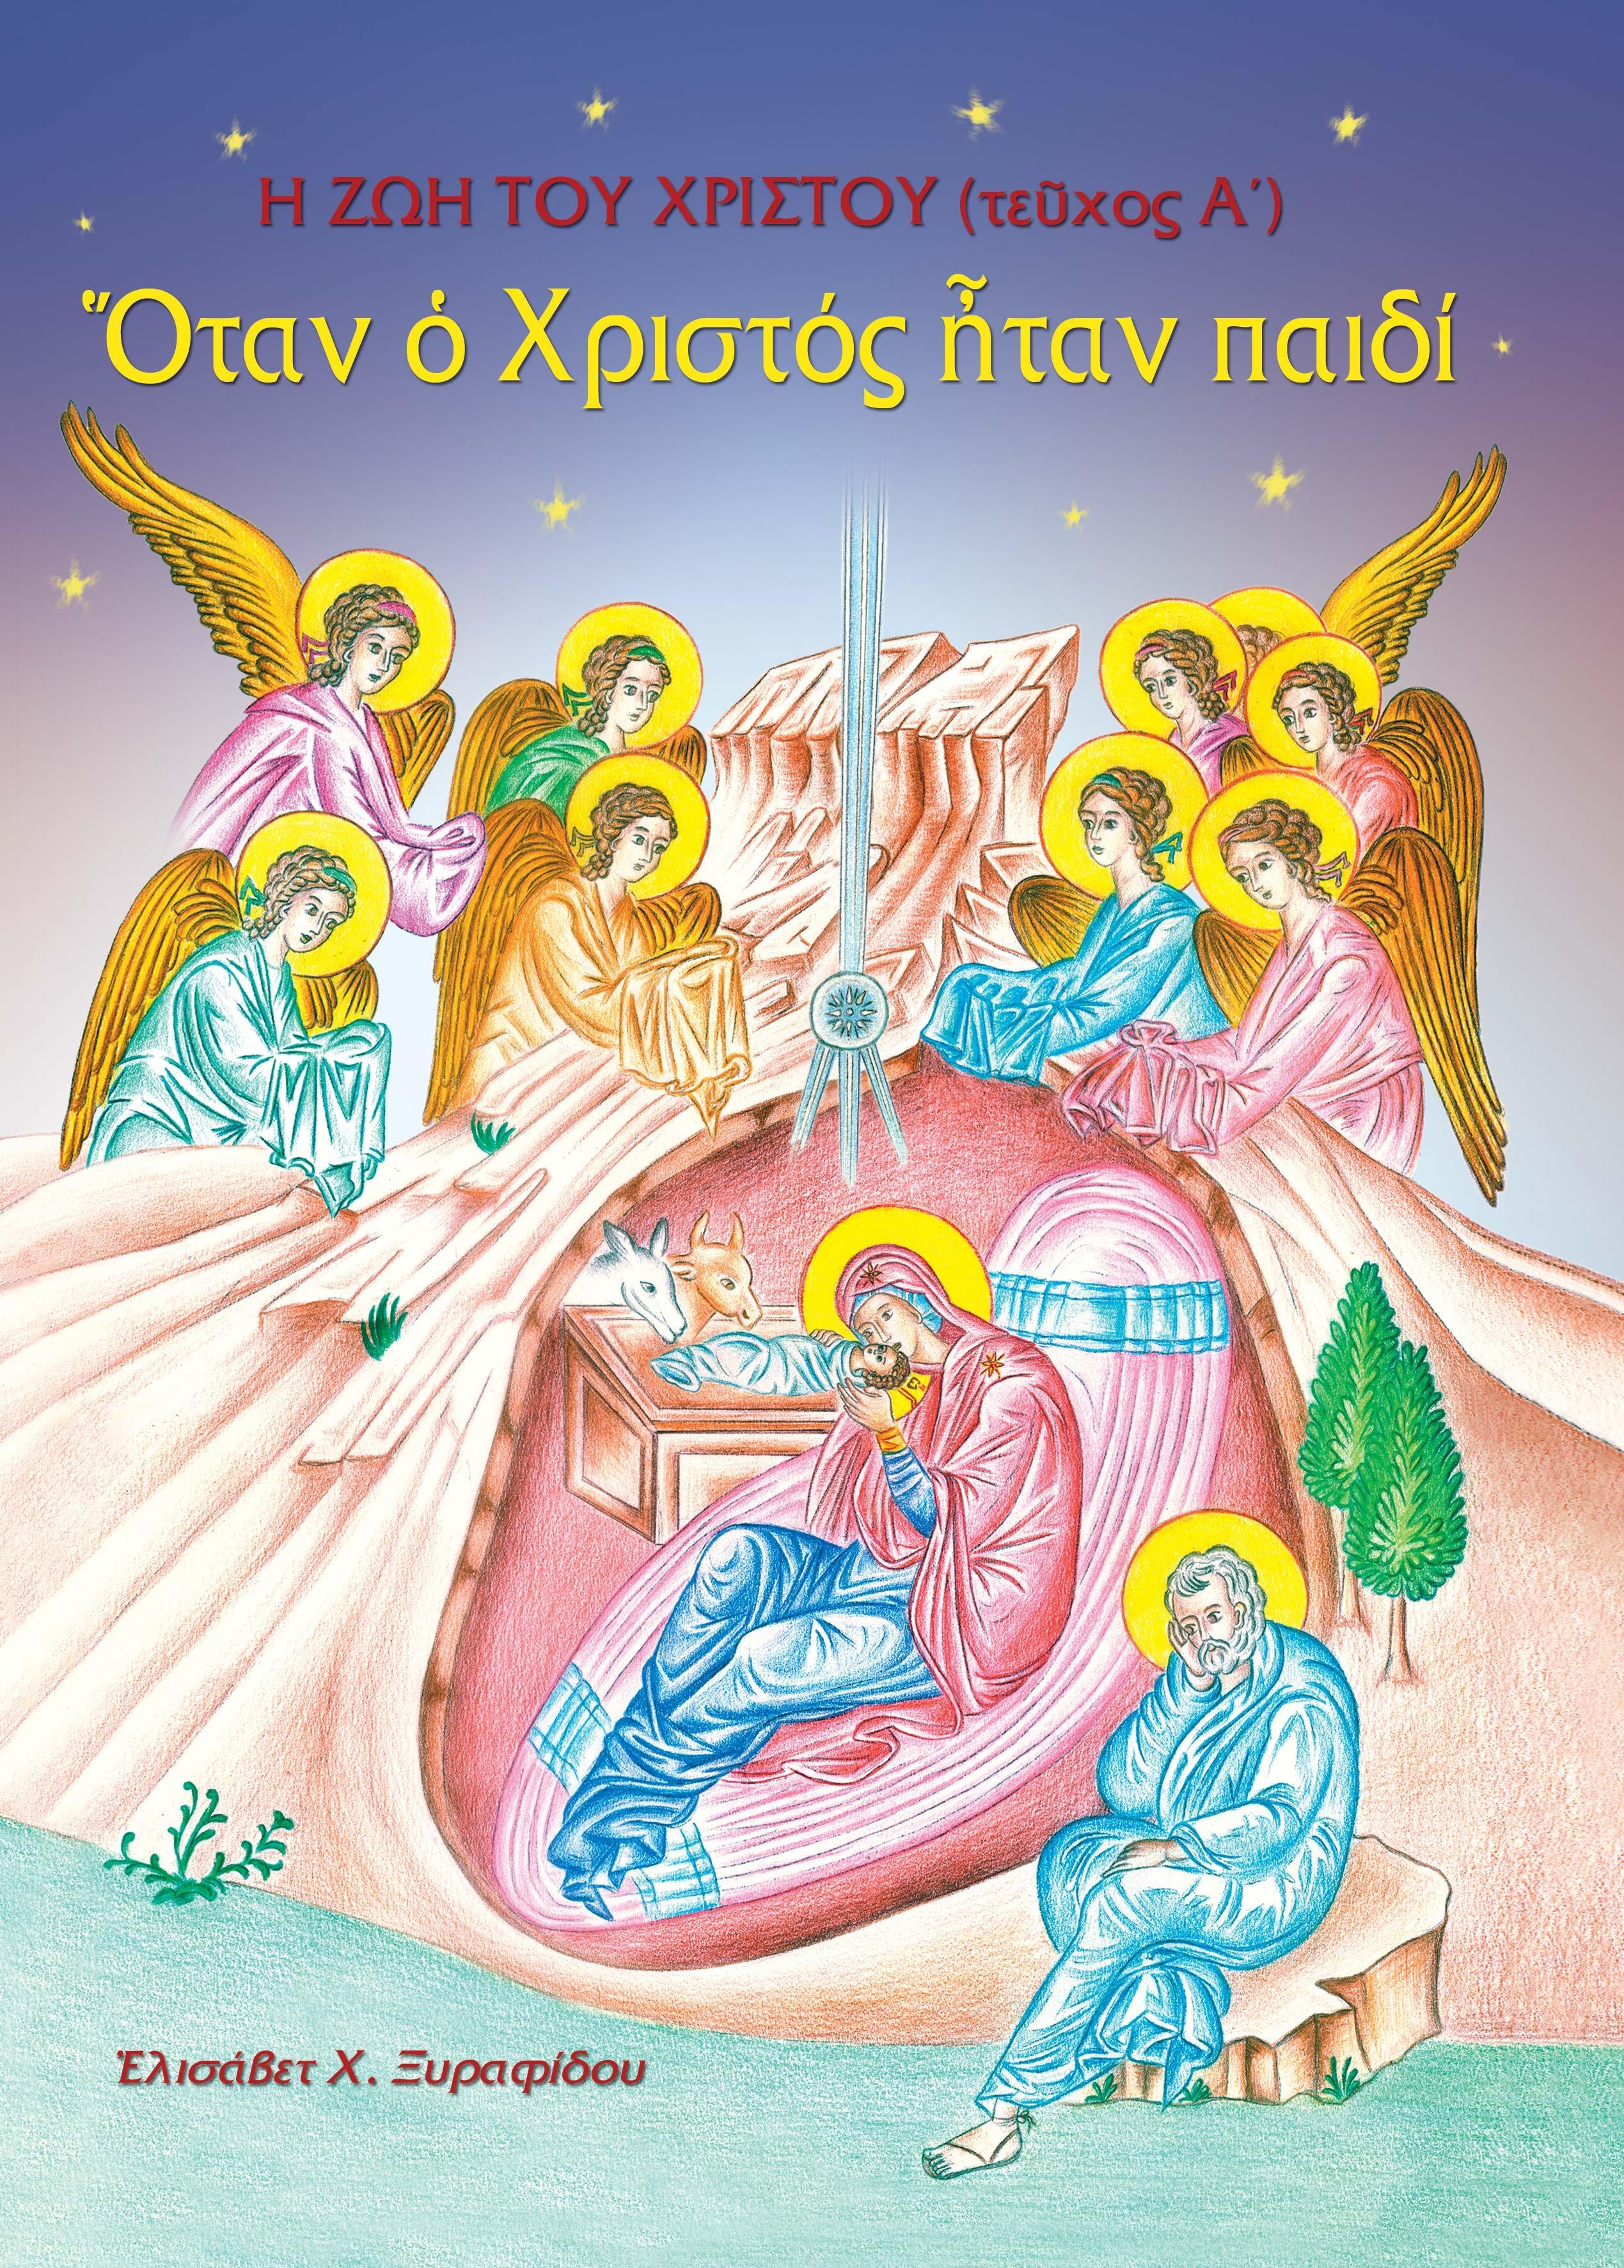 Χριστουγεννιάτικα ΟΤΑΝ Ο ΧΡΙΣΤΟΣ ΗΤΑΝ ΠΑΙΔΙ